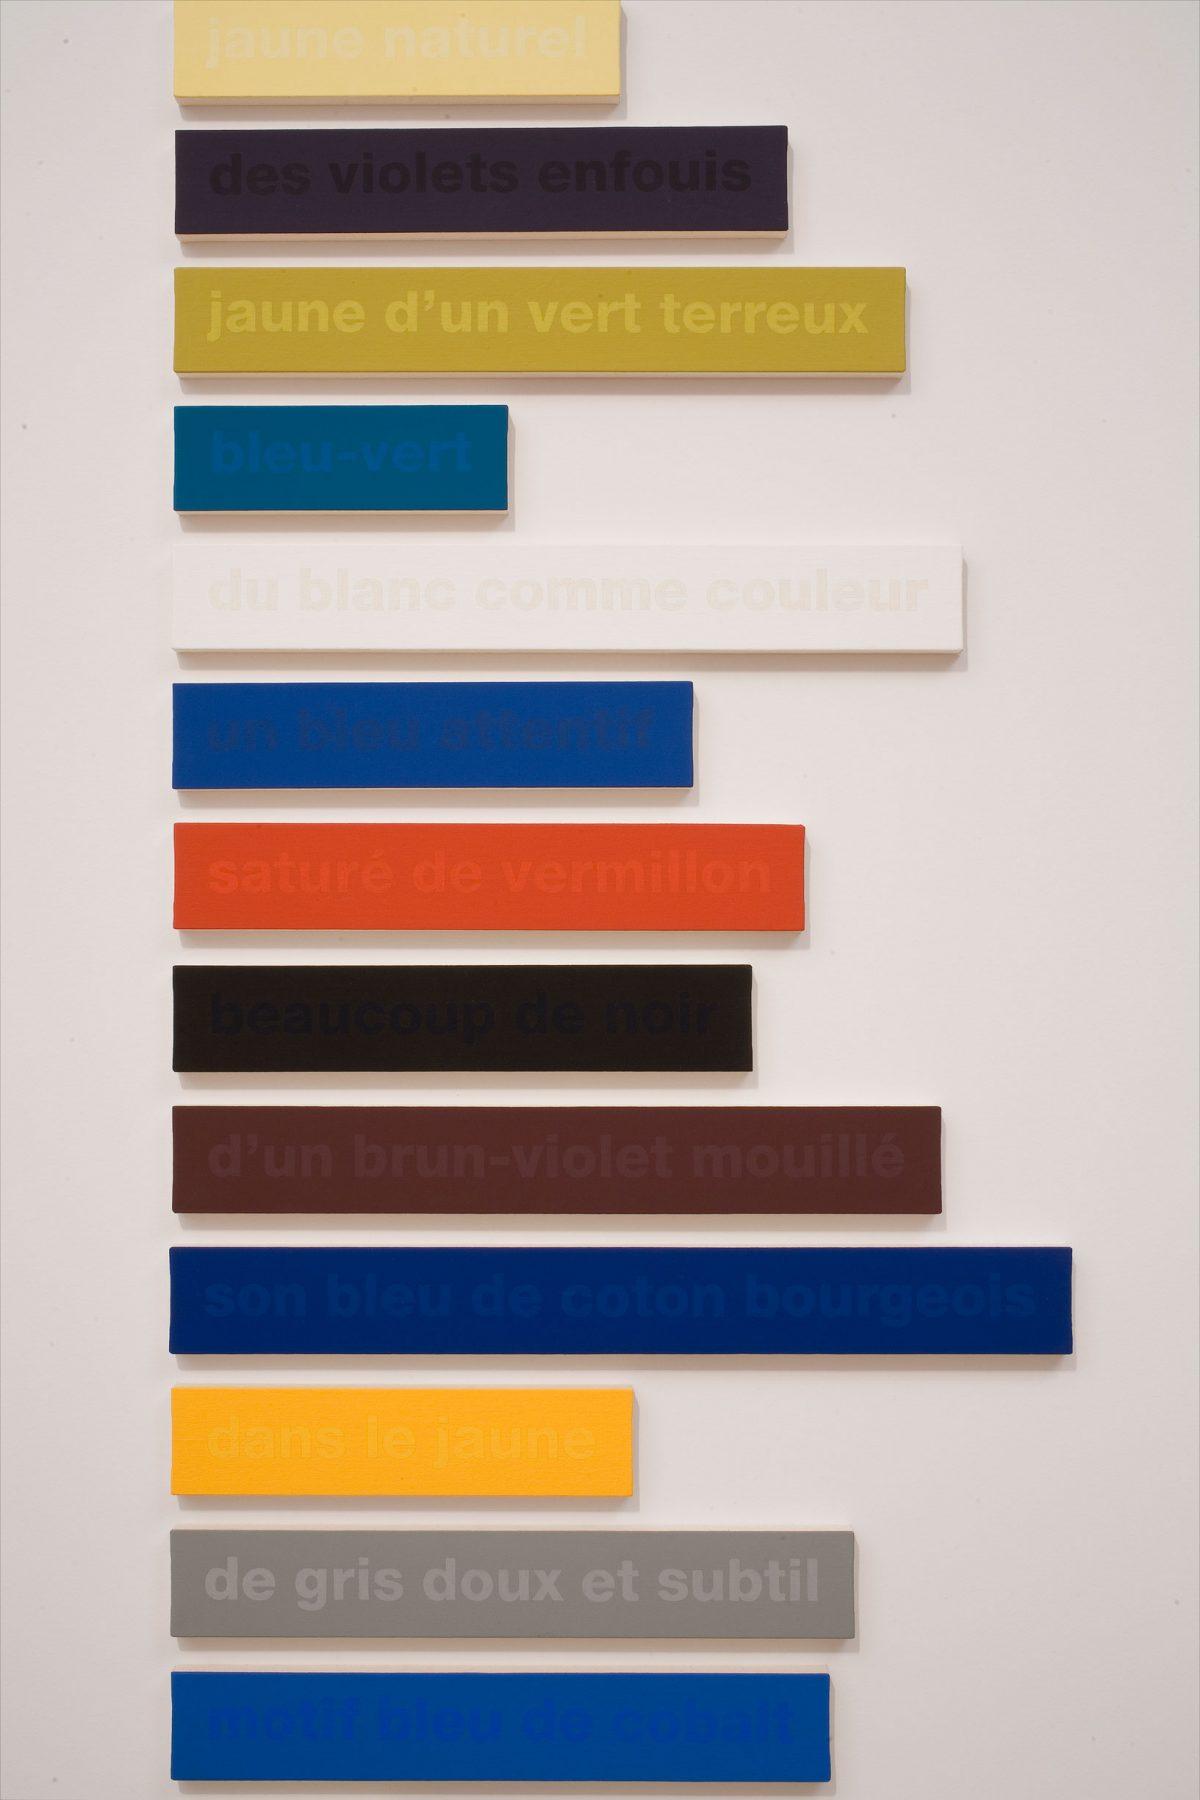 détail de Les Couleurs de Cézanne dans les mots de Rilke, 36/100 - essai, 1997-1998, Francine Savard, Peinture vinylique et acrylique sur toile marouflée sur aggloméré de fibre de pin et livre encadré.